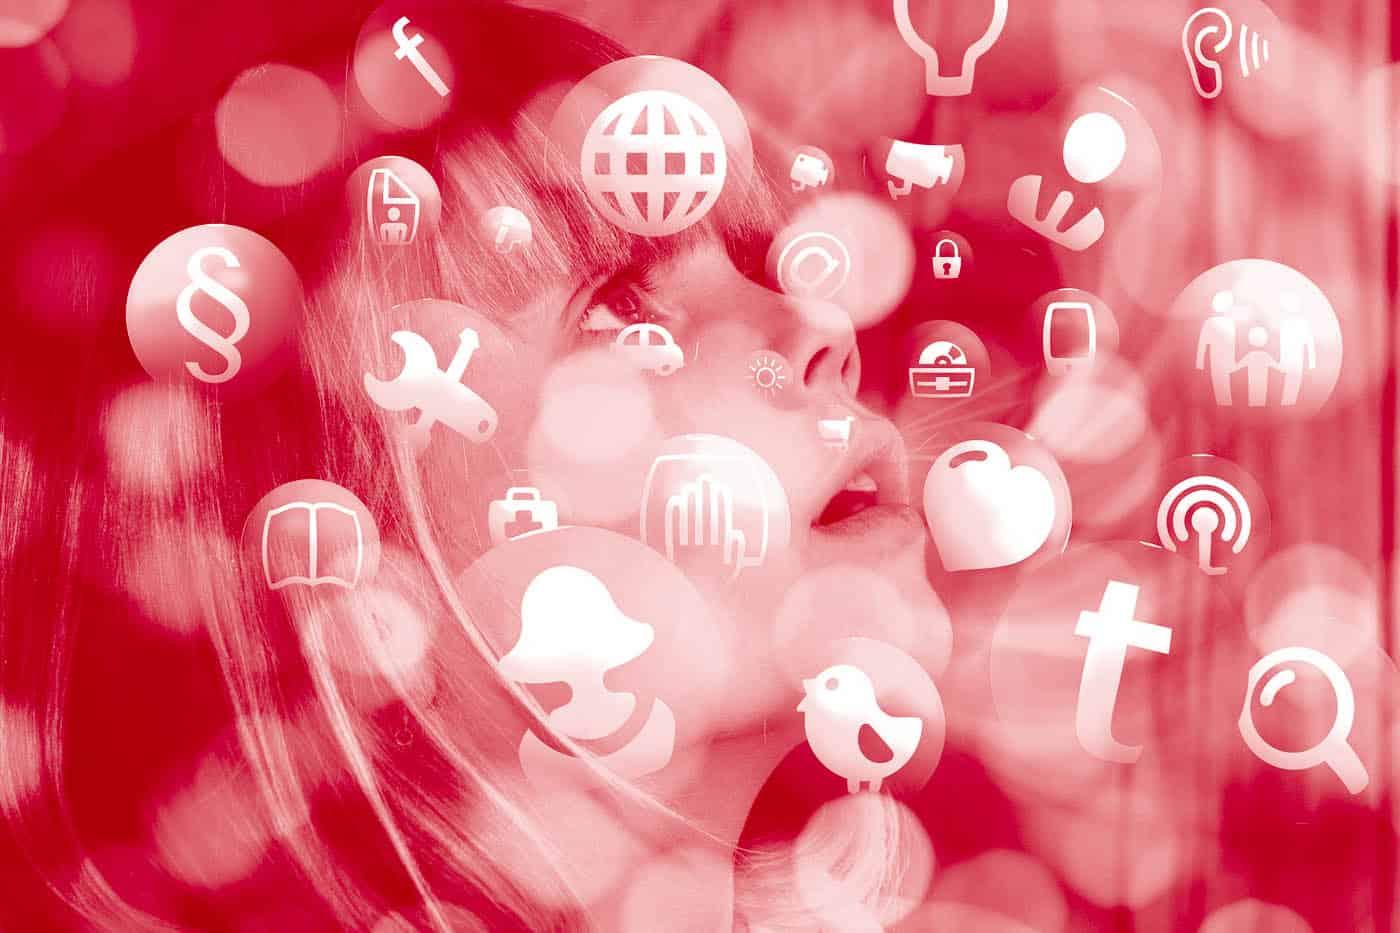 Soziale Medien begleiten uns in unserem Alltag!